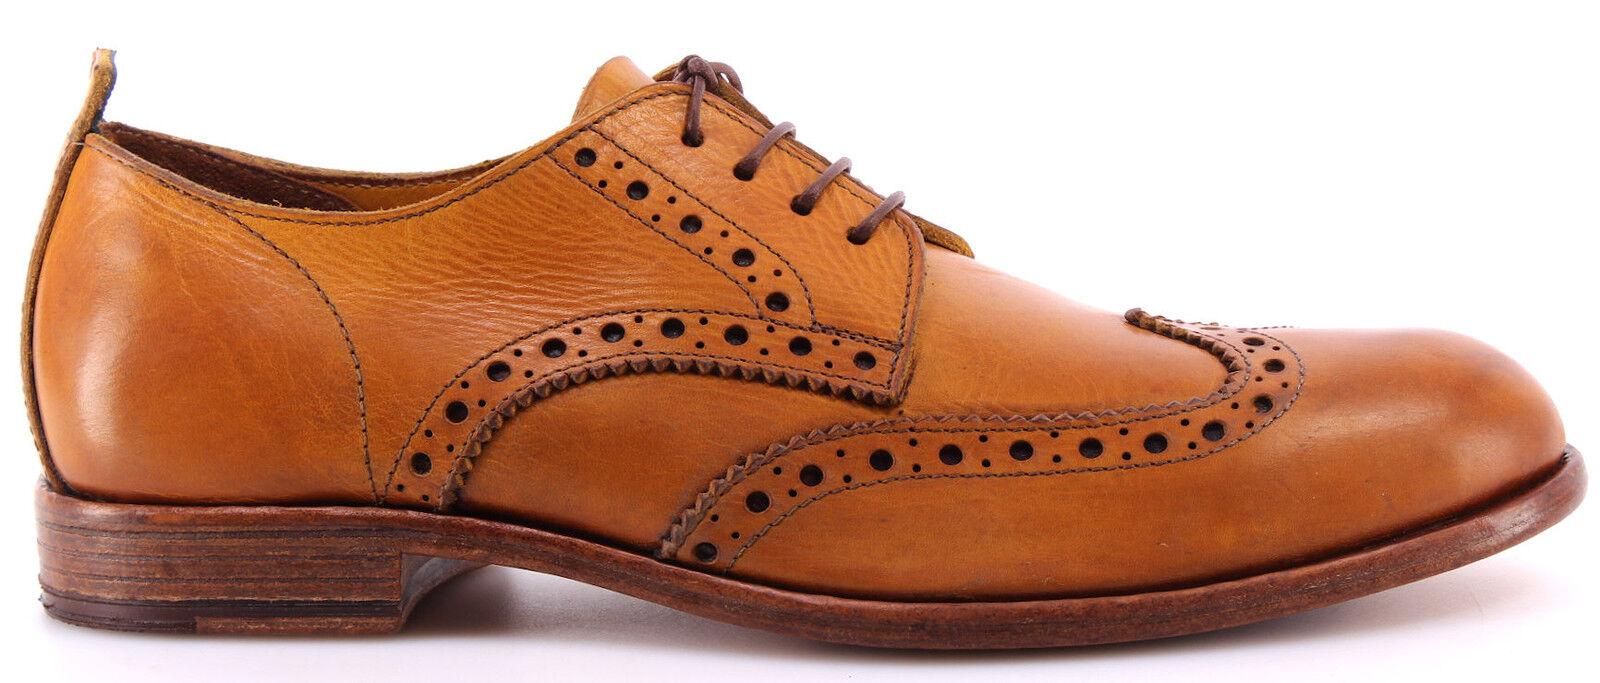 Herren Schuhe MOMA 10707-TG Toscana Giallo Ocra Leder Luxus Handmade  Neu